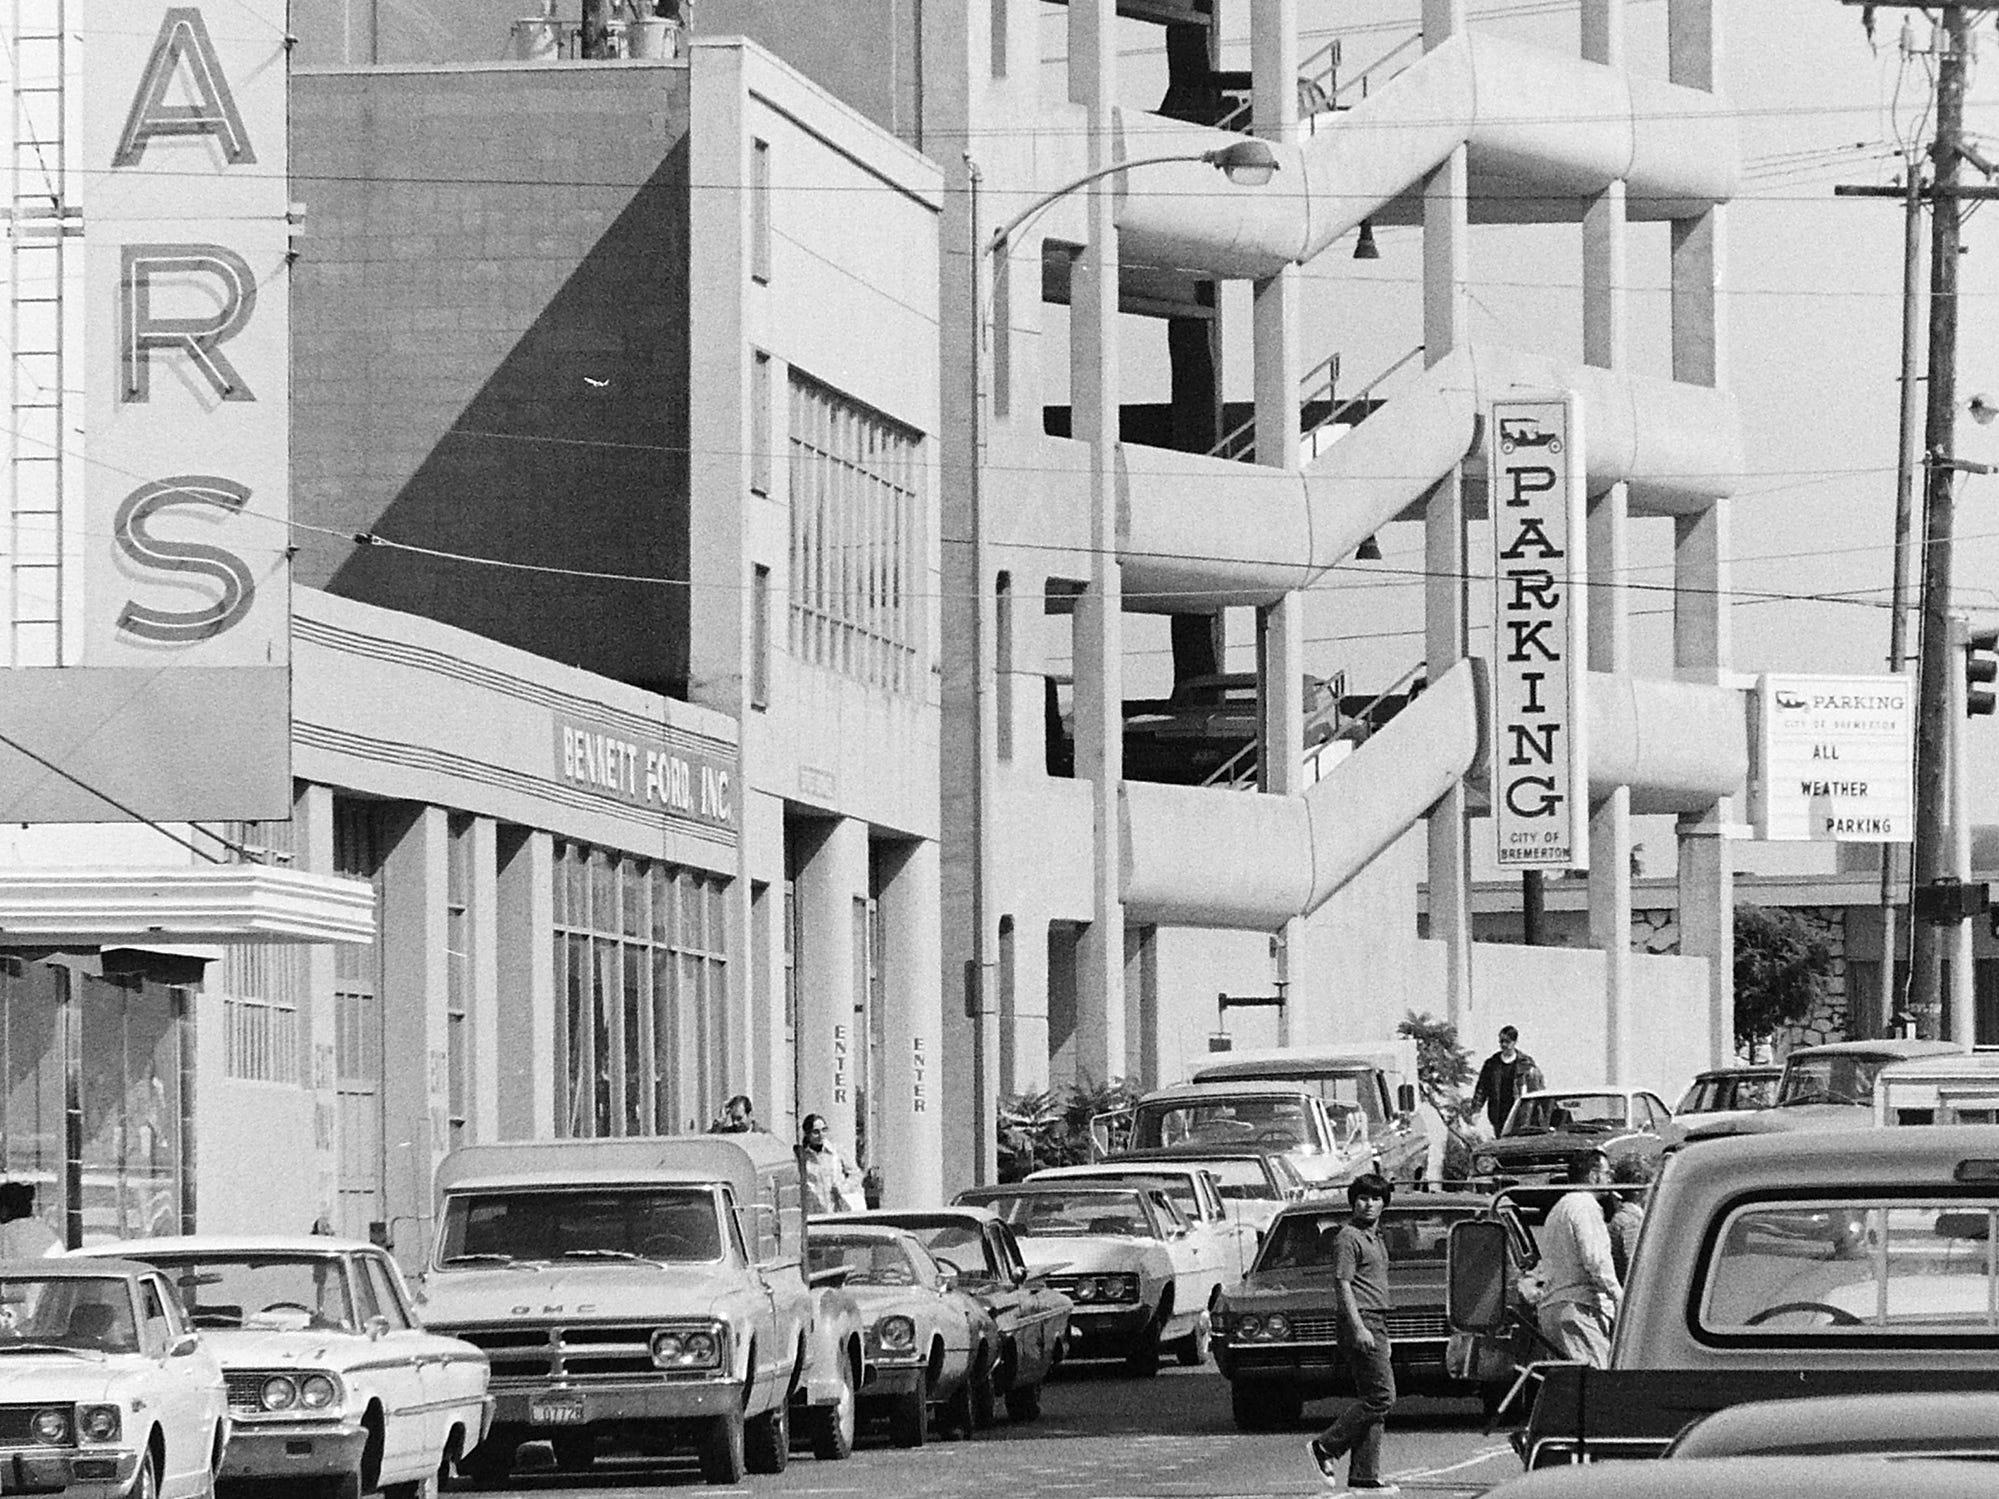 08/31/73Downtown Bremerton